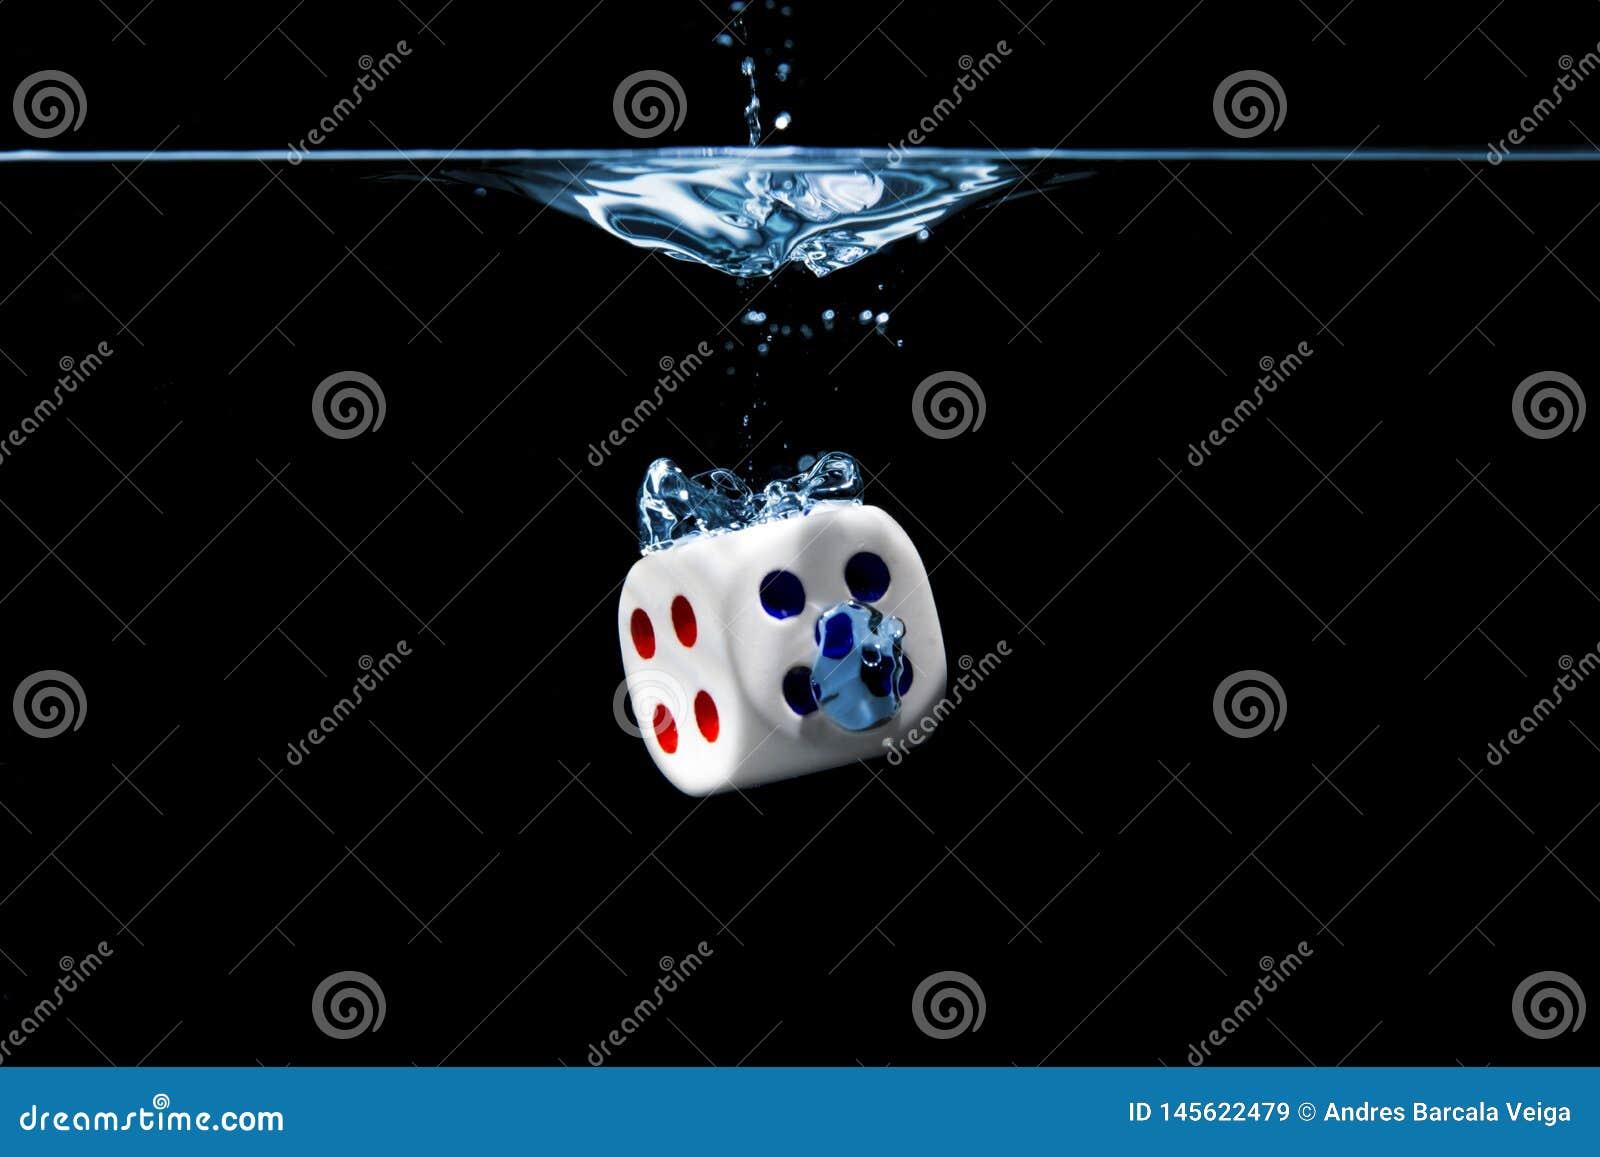 Corte con los números cuatro y cinco caras en cuadritos en el agua con el fondo negro